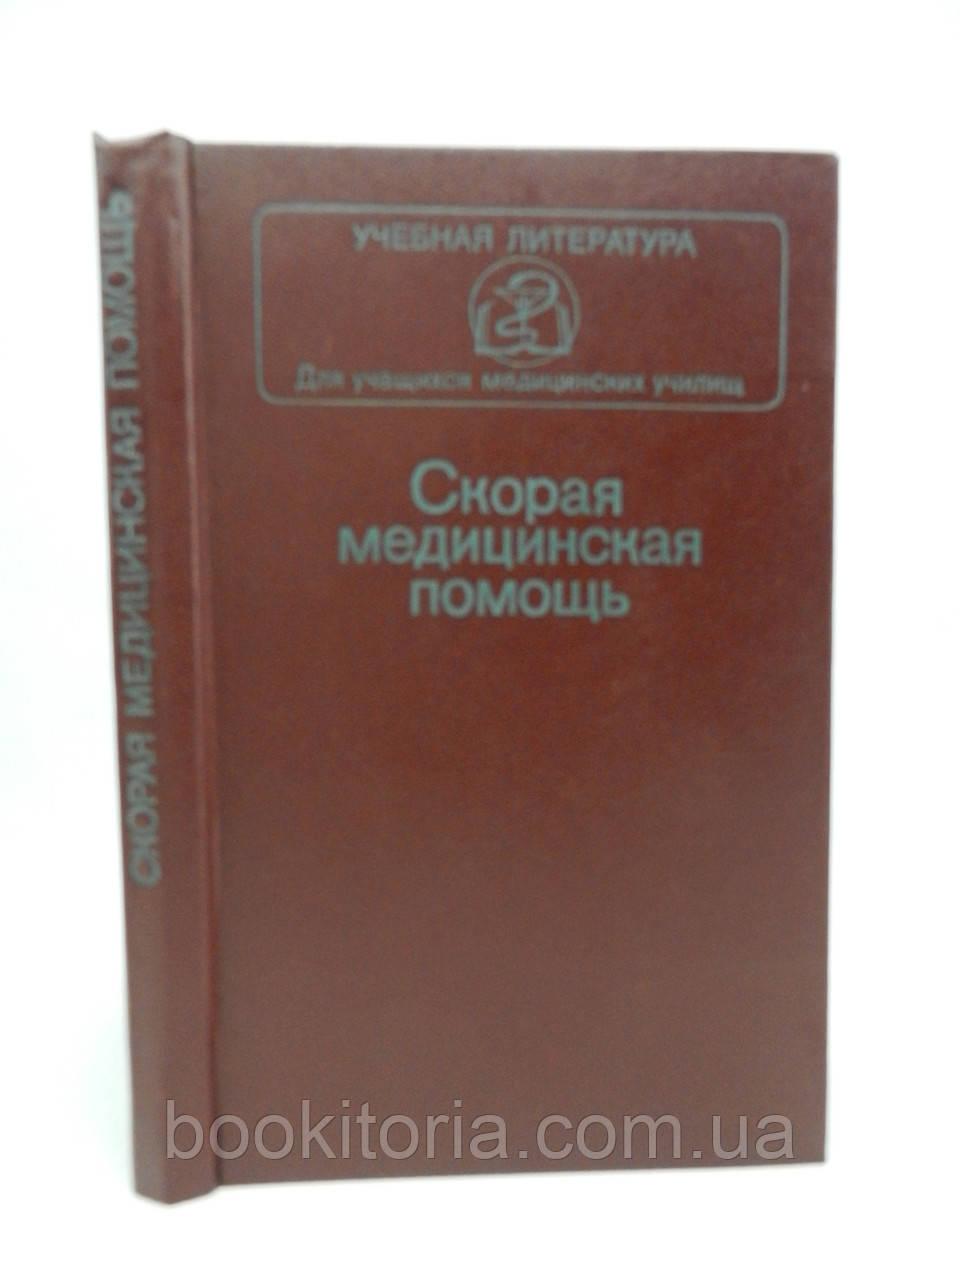 Комаров Б.Д. и др. Скорая медицинская помощь (б/у).